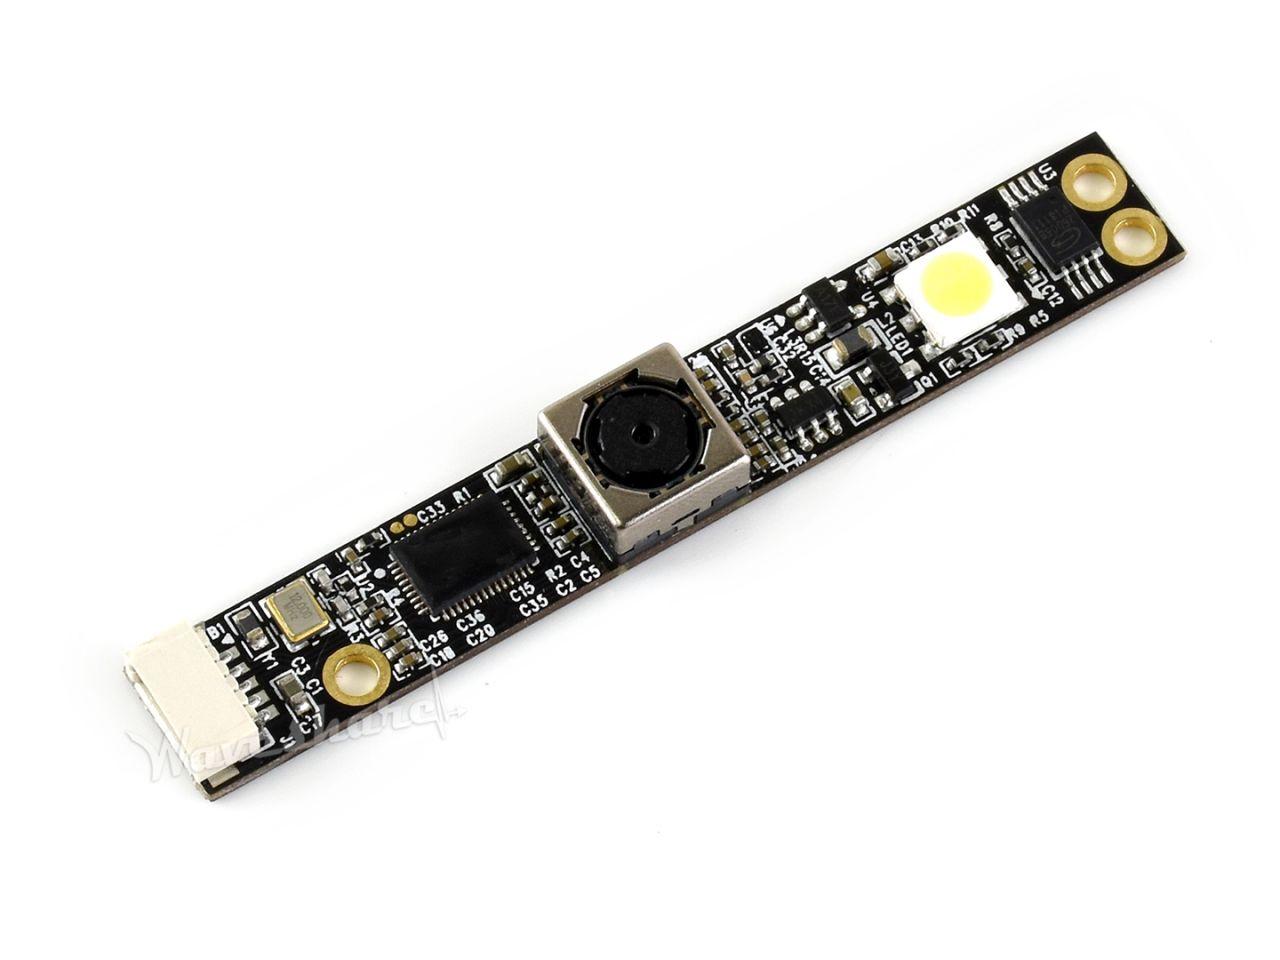 OV5648 5MP USB Kamera mit Autofokus